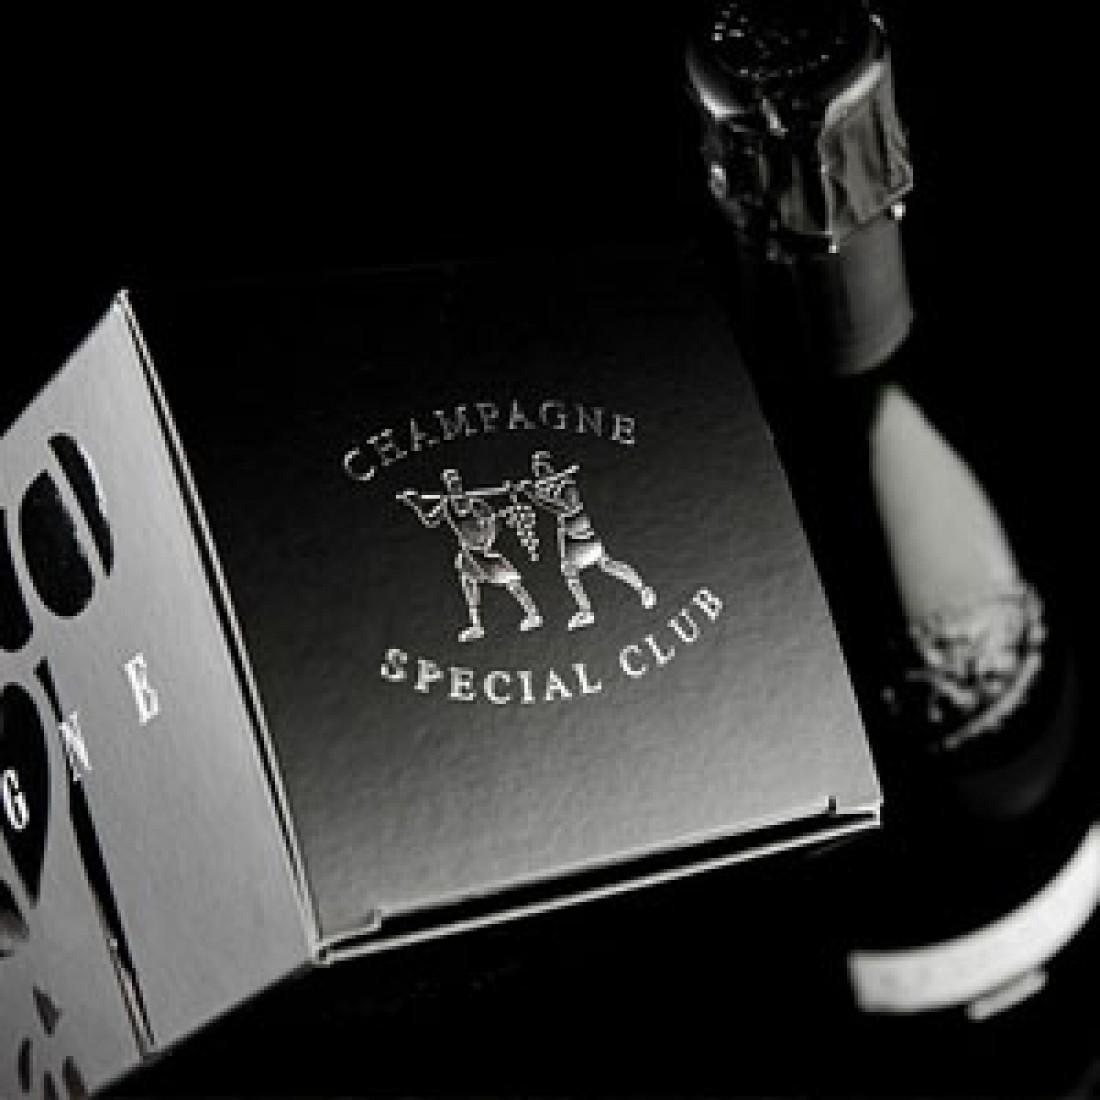 Special Club Smagekasse-31